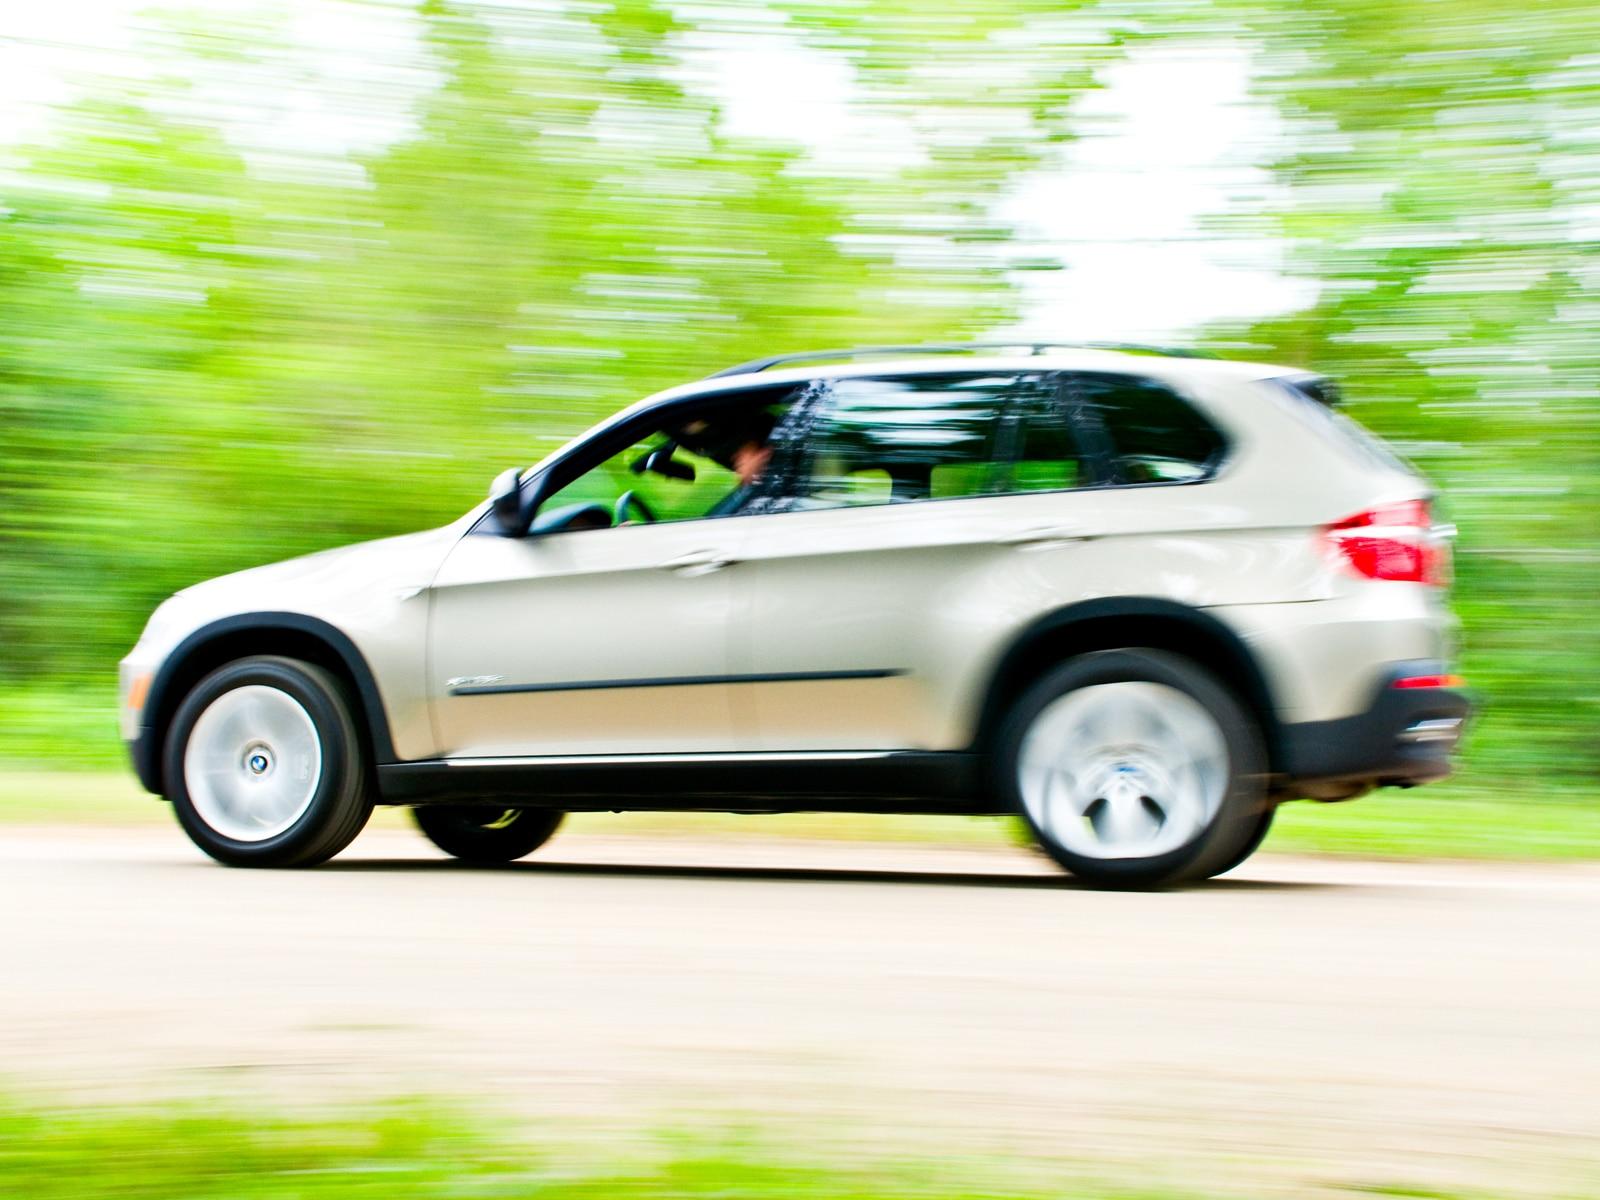 0908 09 Z 2009 BMW X5 XDrive35d Side View